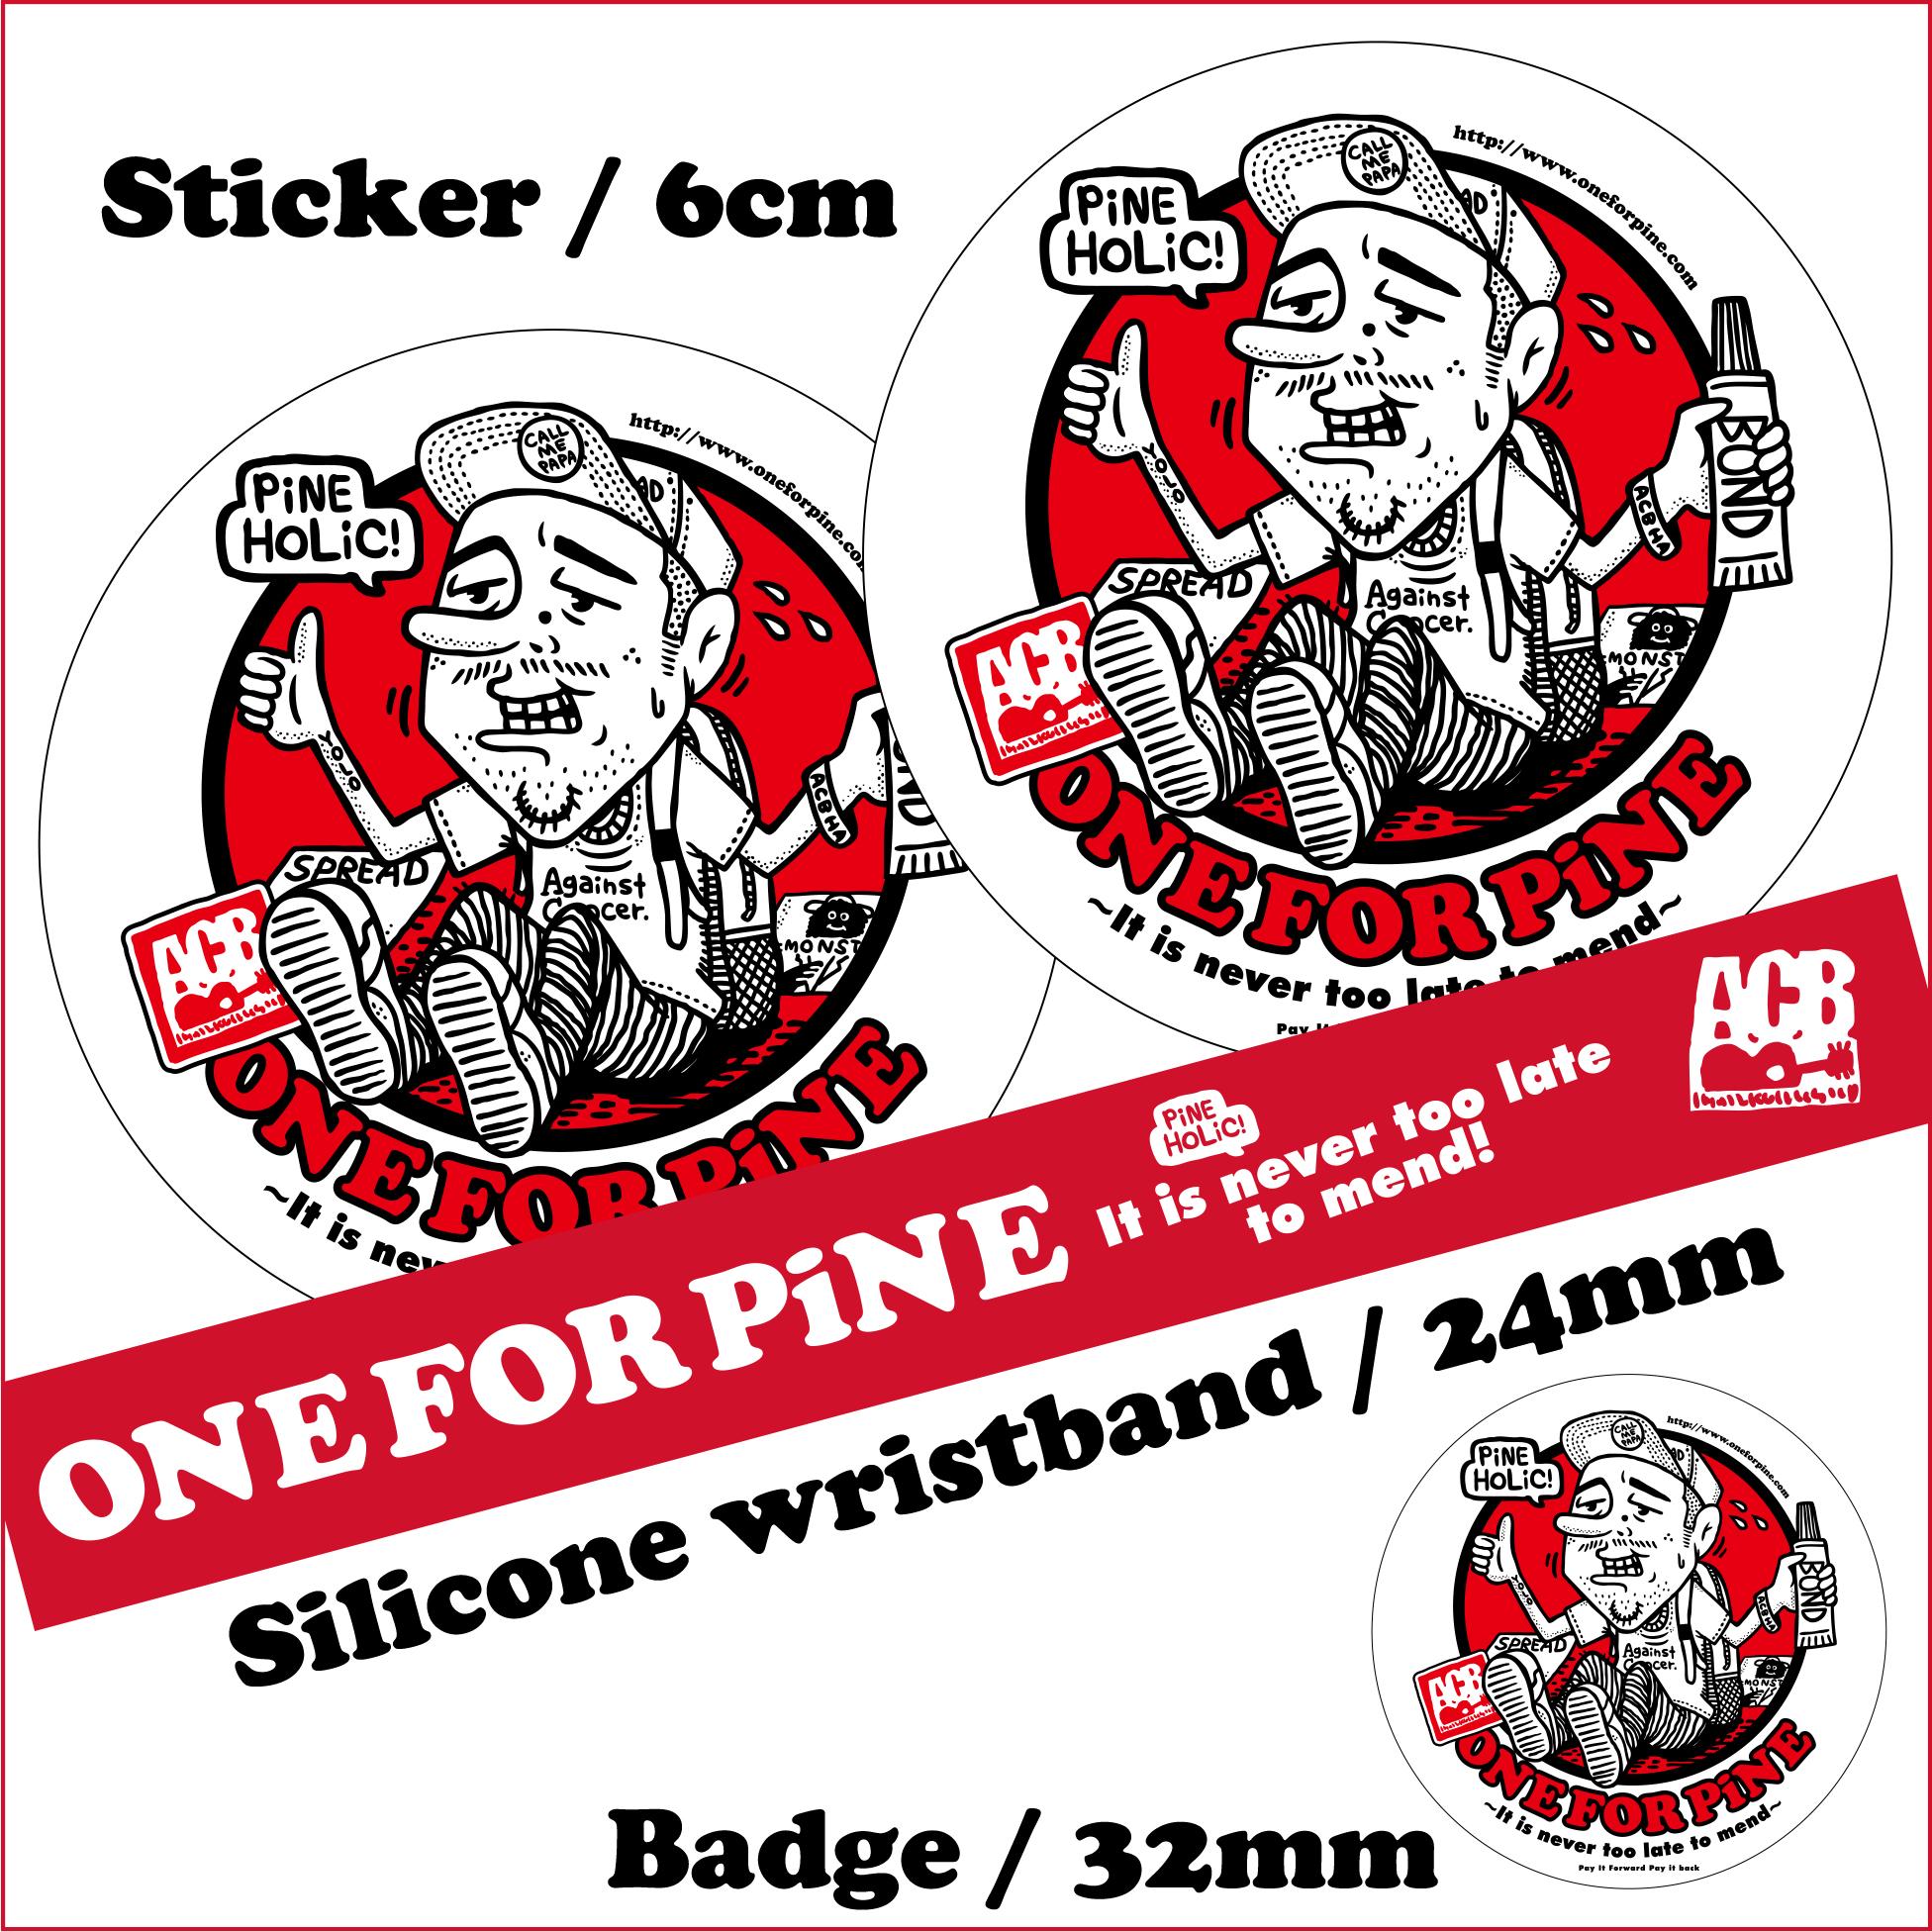 ONE FOR PiNE シリコンリストバンド・セット